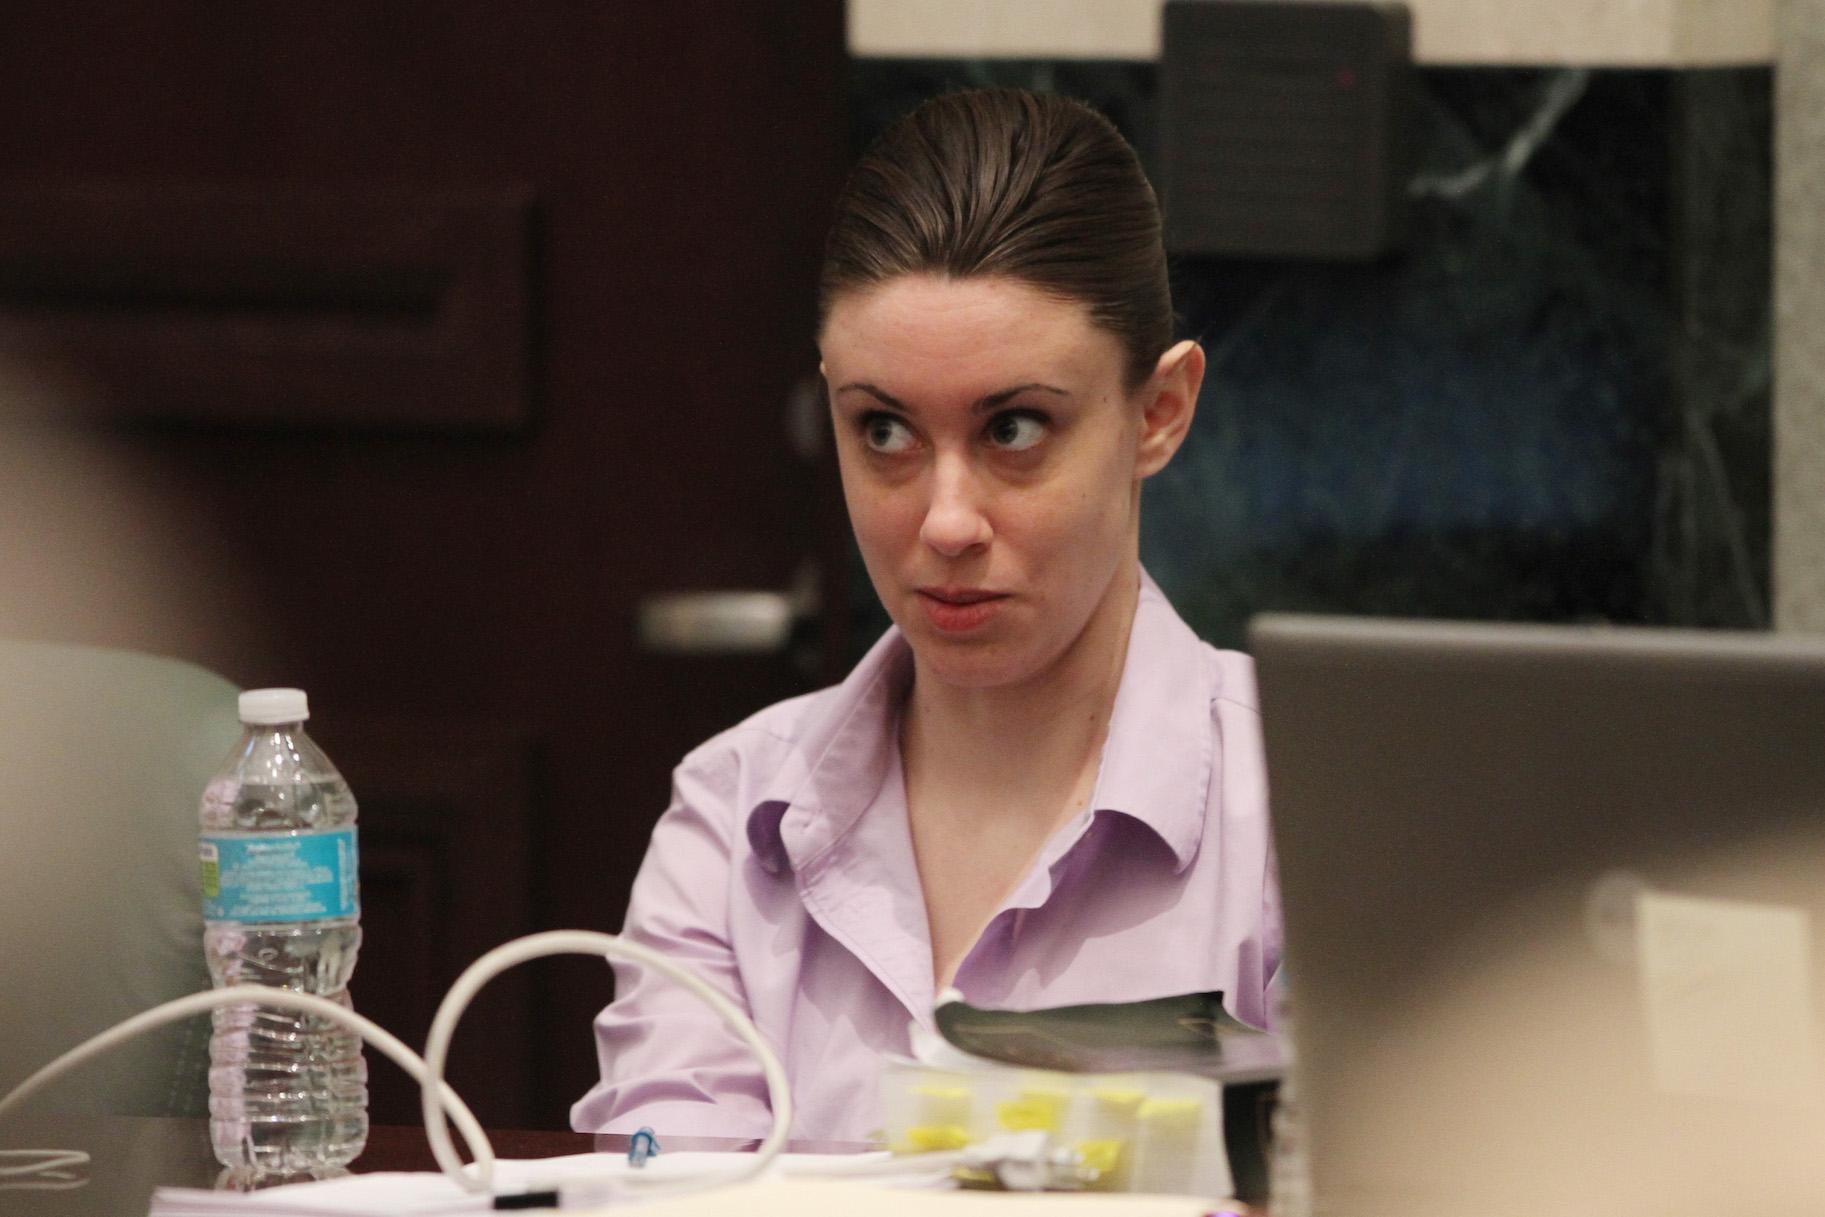 """Śledczy mówią, że Casey Anthony robi chloroform w domu jako """"wysoce nieprawdopodobny"""""""